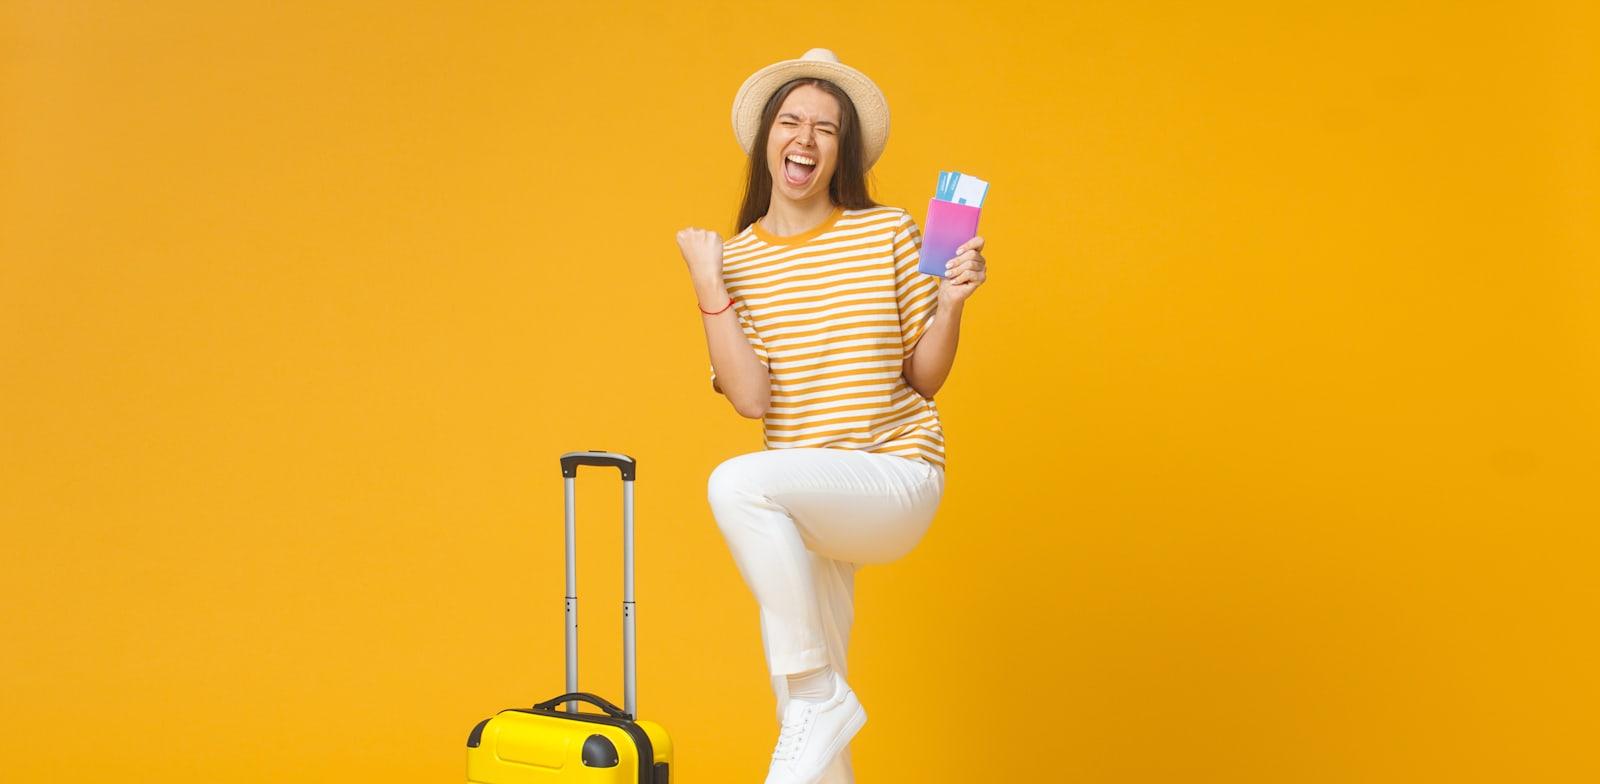 כרטיסי טיסה זולים מאוד. טעות או טריק שיווקי? / צילום: Shutterstock, Damir Khabirov